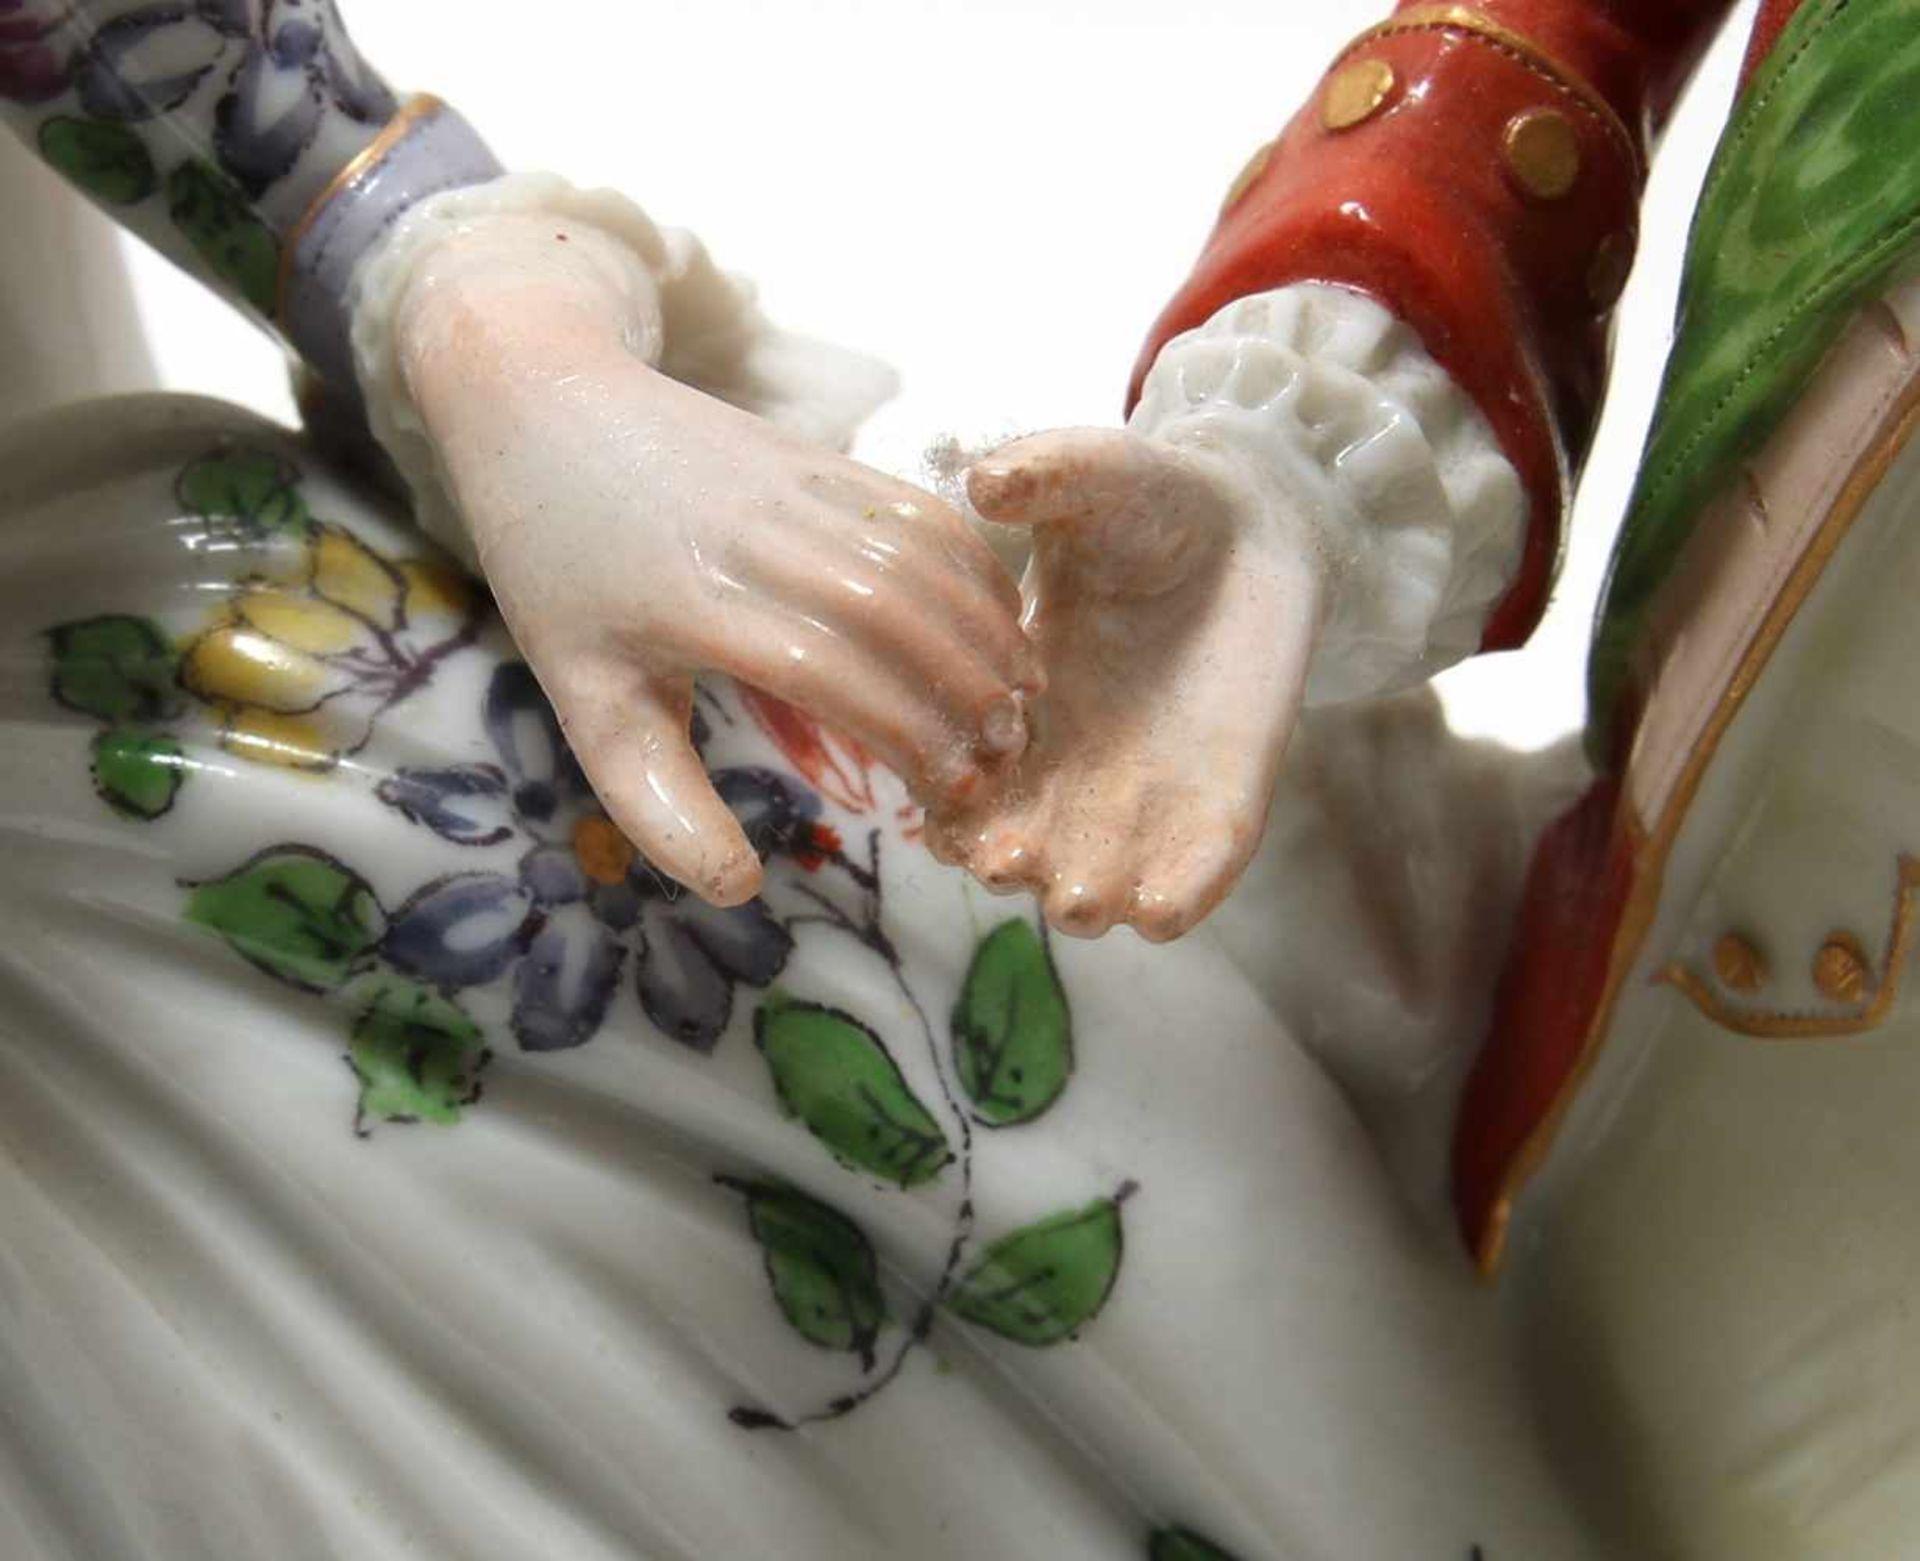 FigurengruppeFrankenthal 18. Jh. Kavalier mit Dame im Krinolinenrock. Porzellan mit aufbossierten - Bild 8 aus 10